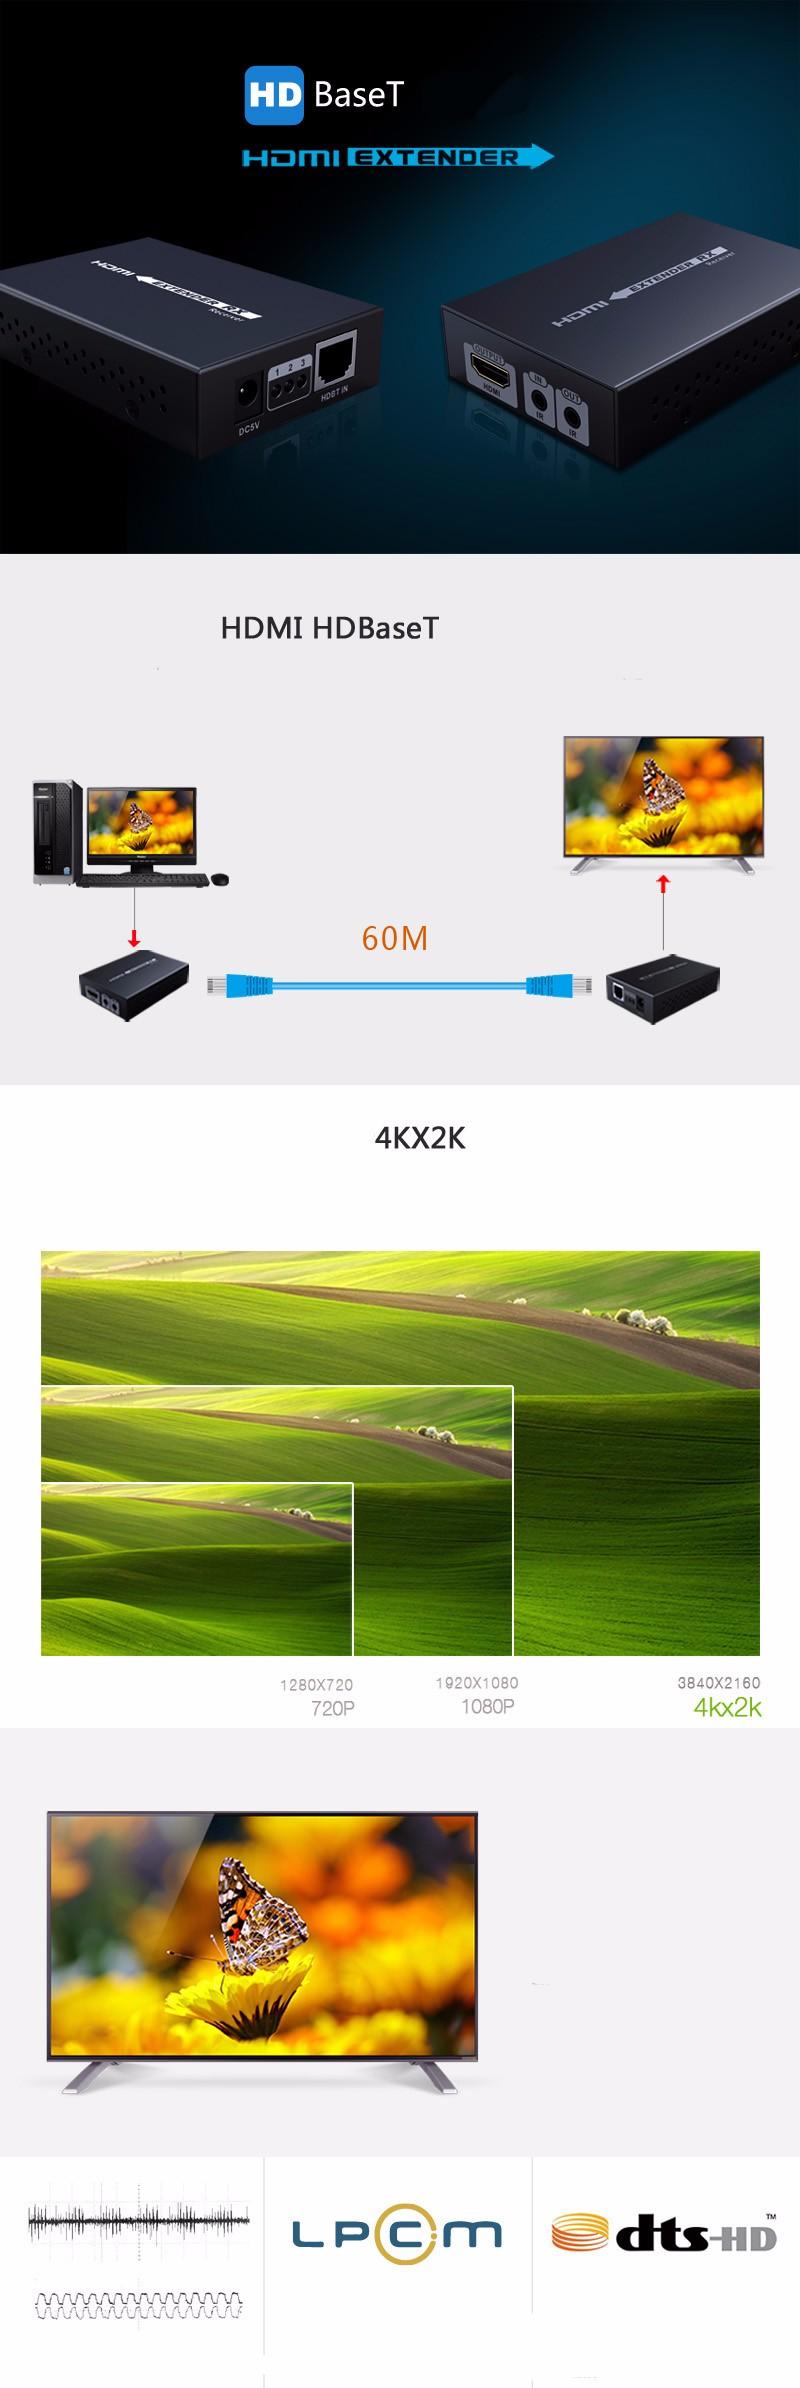 ถูก HDBaseT HDMI Extender 70เมตร4พัน* 2พัน3D HDBaseT HDMI IRระยะไกลLAN Extender Repeaterกว่าRJ45 CAT5E/6, CAT6A/7 HDMI 1.4โวลต์ได้ถึง70เมตร